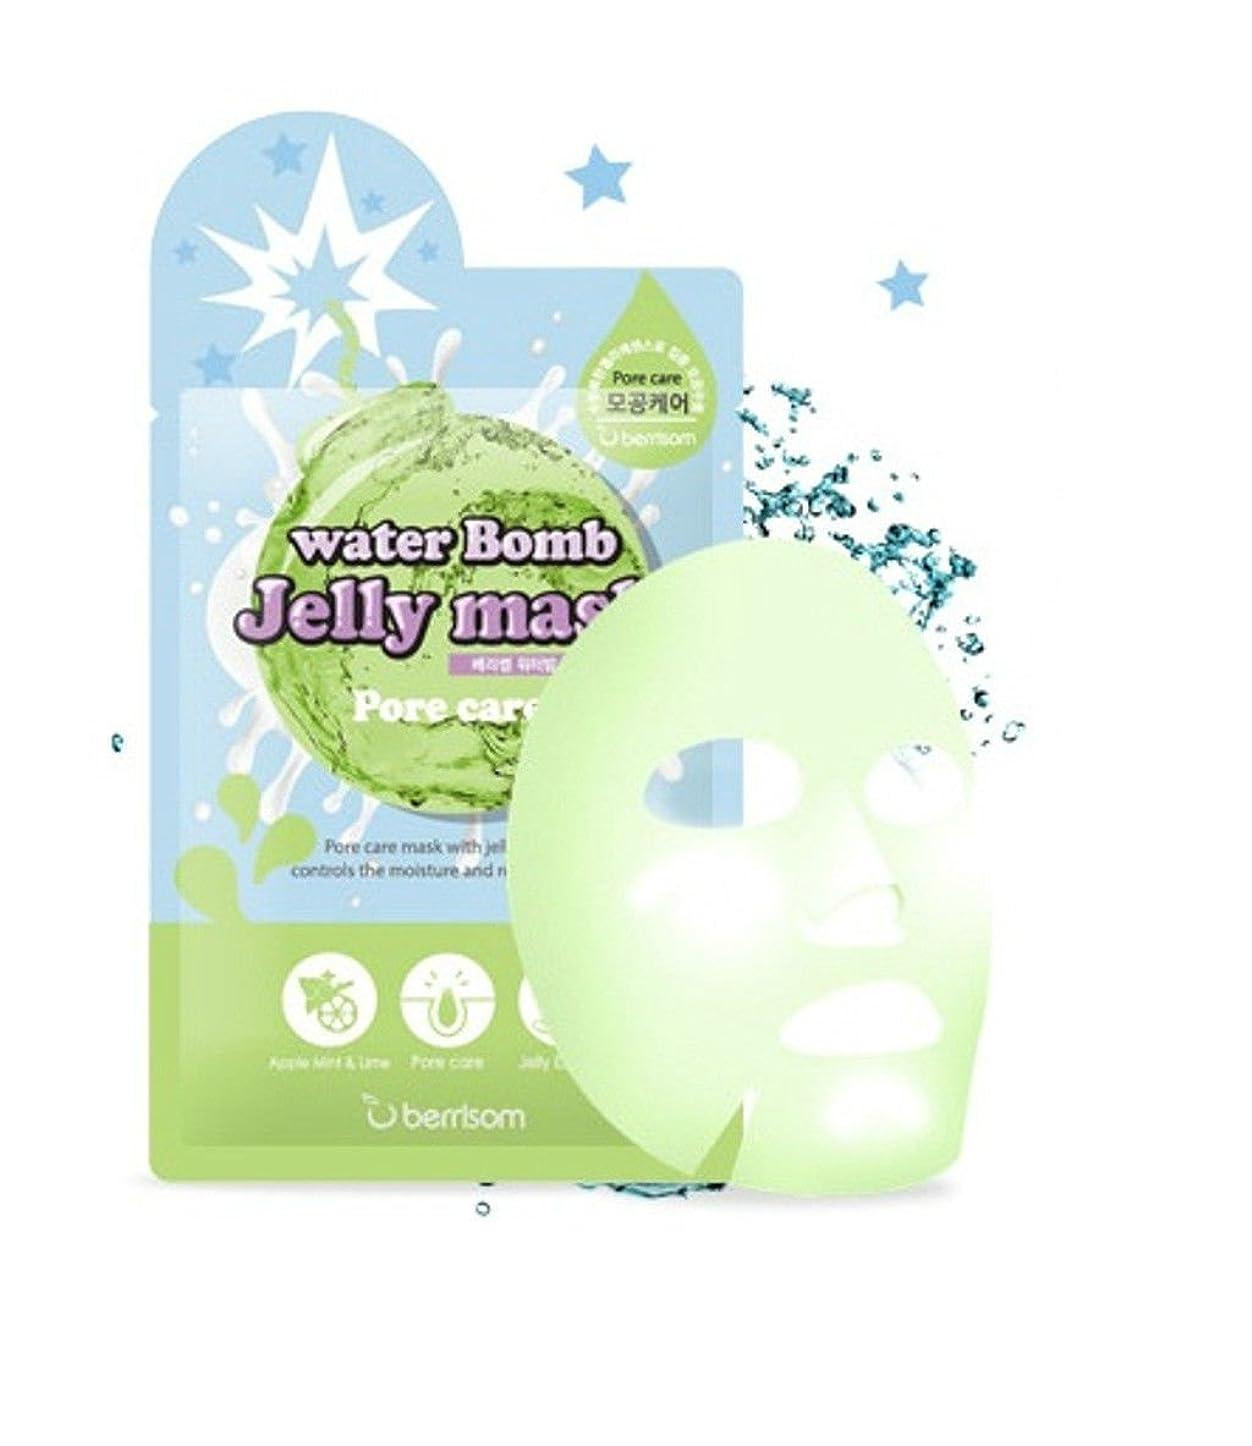 素晴らしき境界バンドルベリサム(berrisom) ウォーター爆弾ジェリーマスクパック Water Bomb Jelly Mask #毛穴ケアー